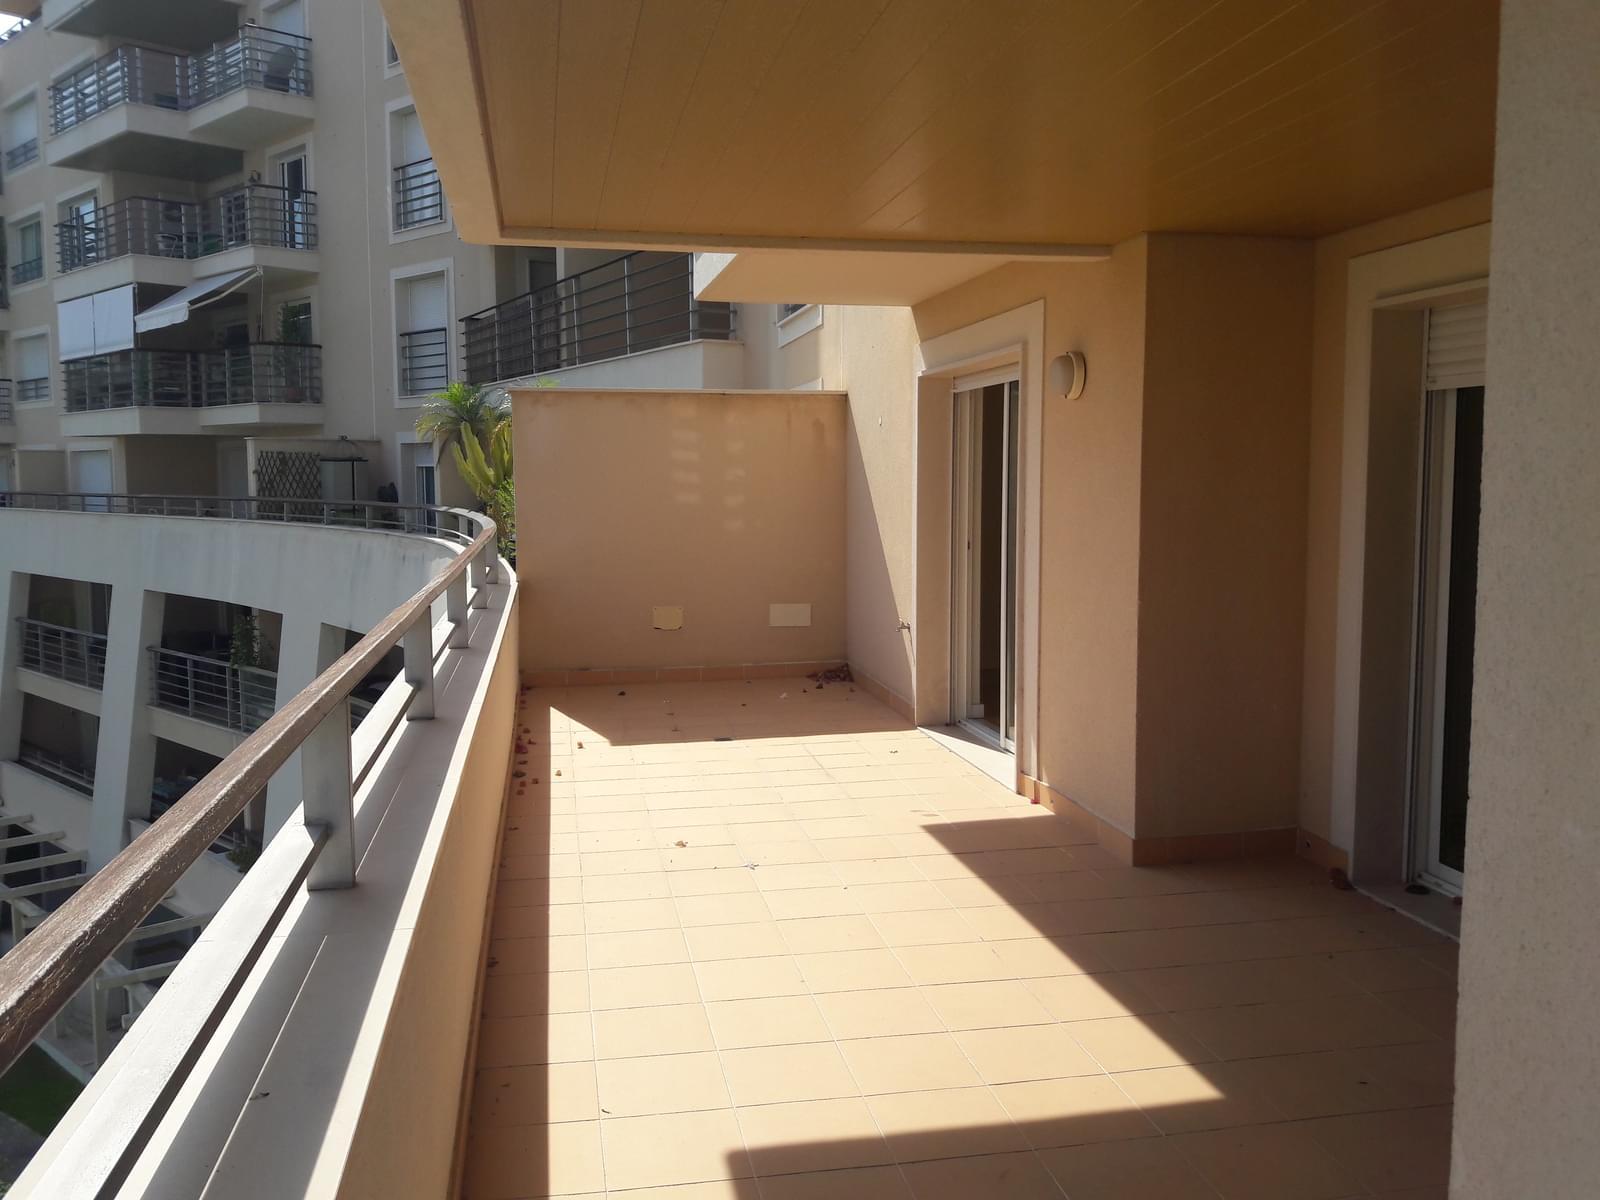 pf18143-apartamento-t3-cascais-9e18da0c-8c39-4f5a-bc9f-1b2dd9f4de45